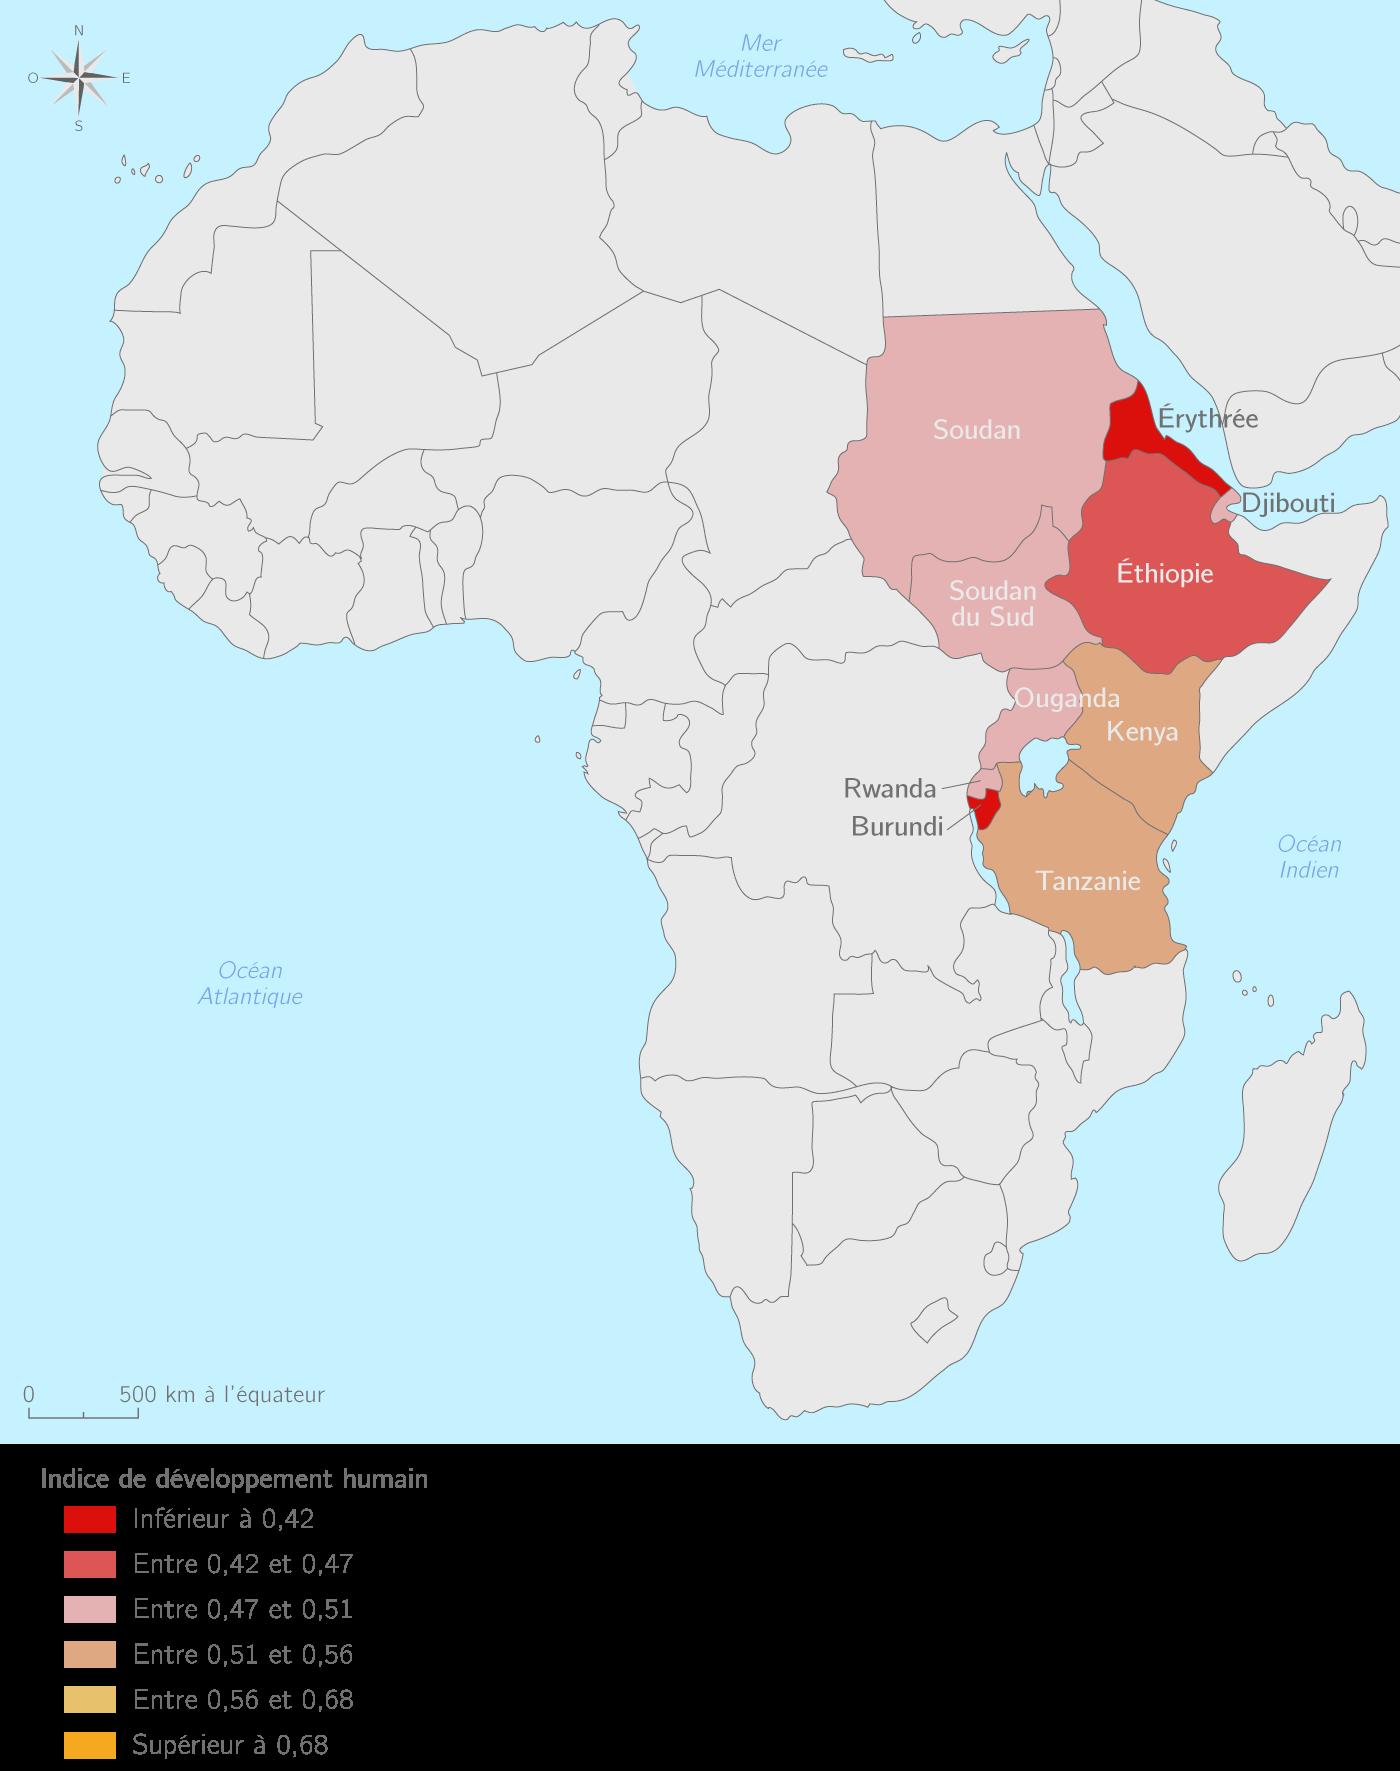 Le développement humain en Afrique de l'Est